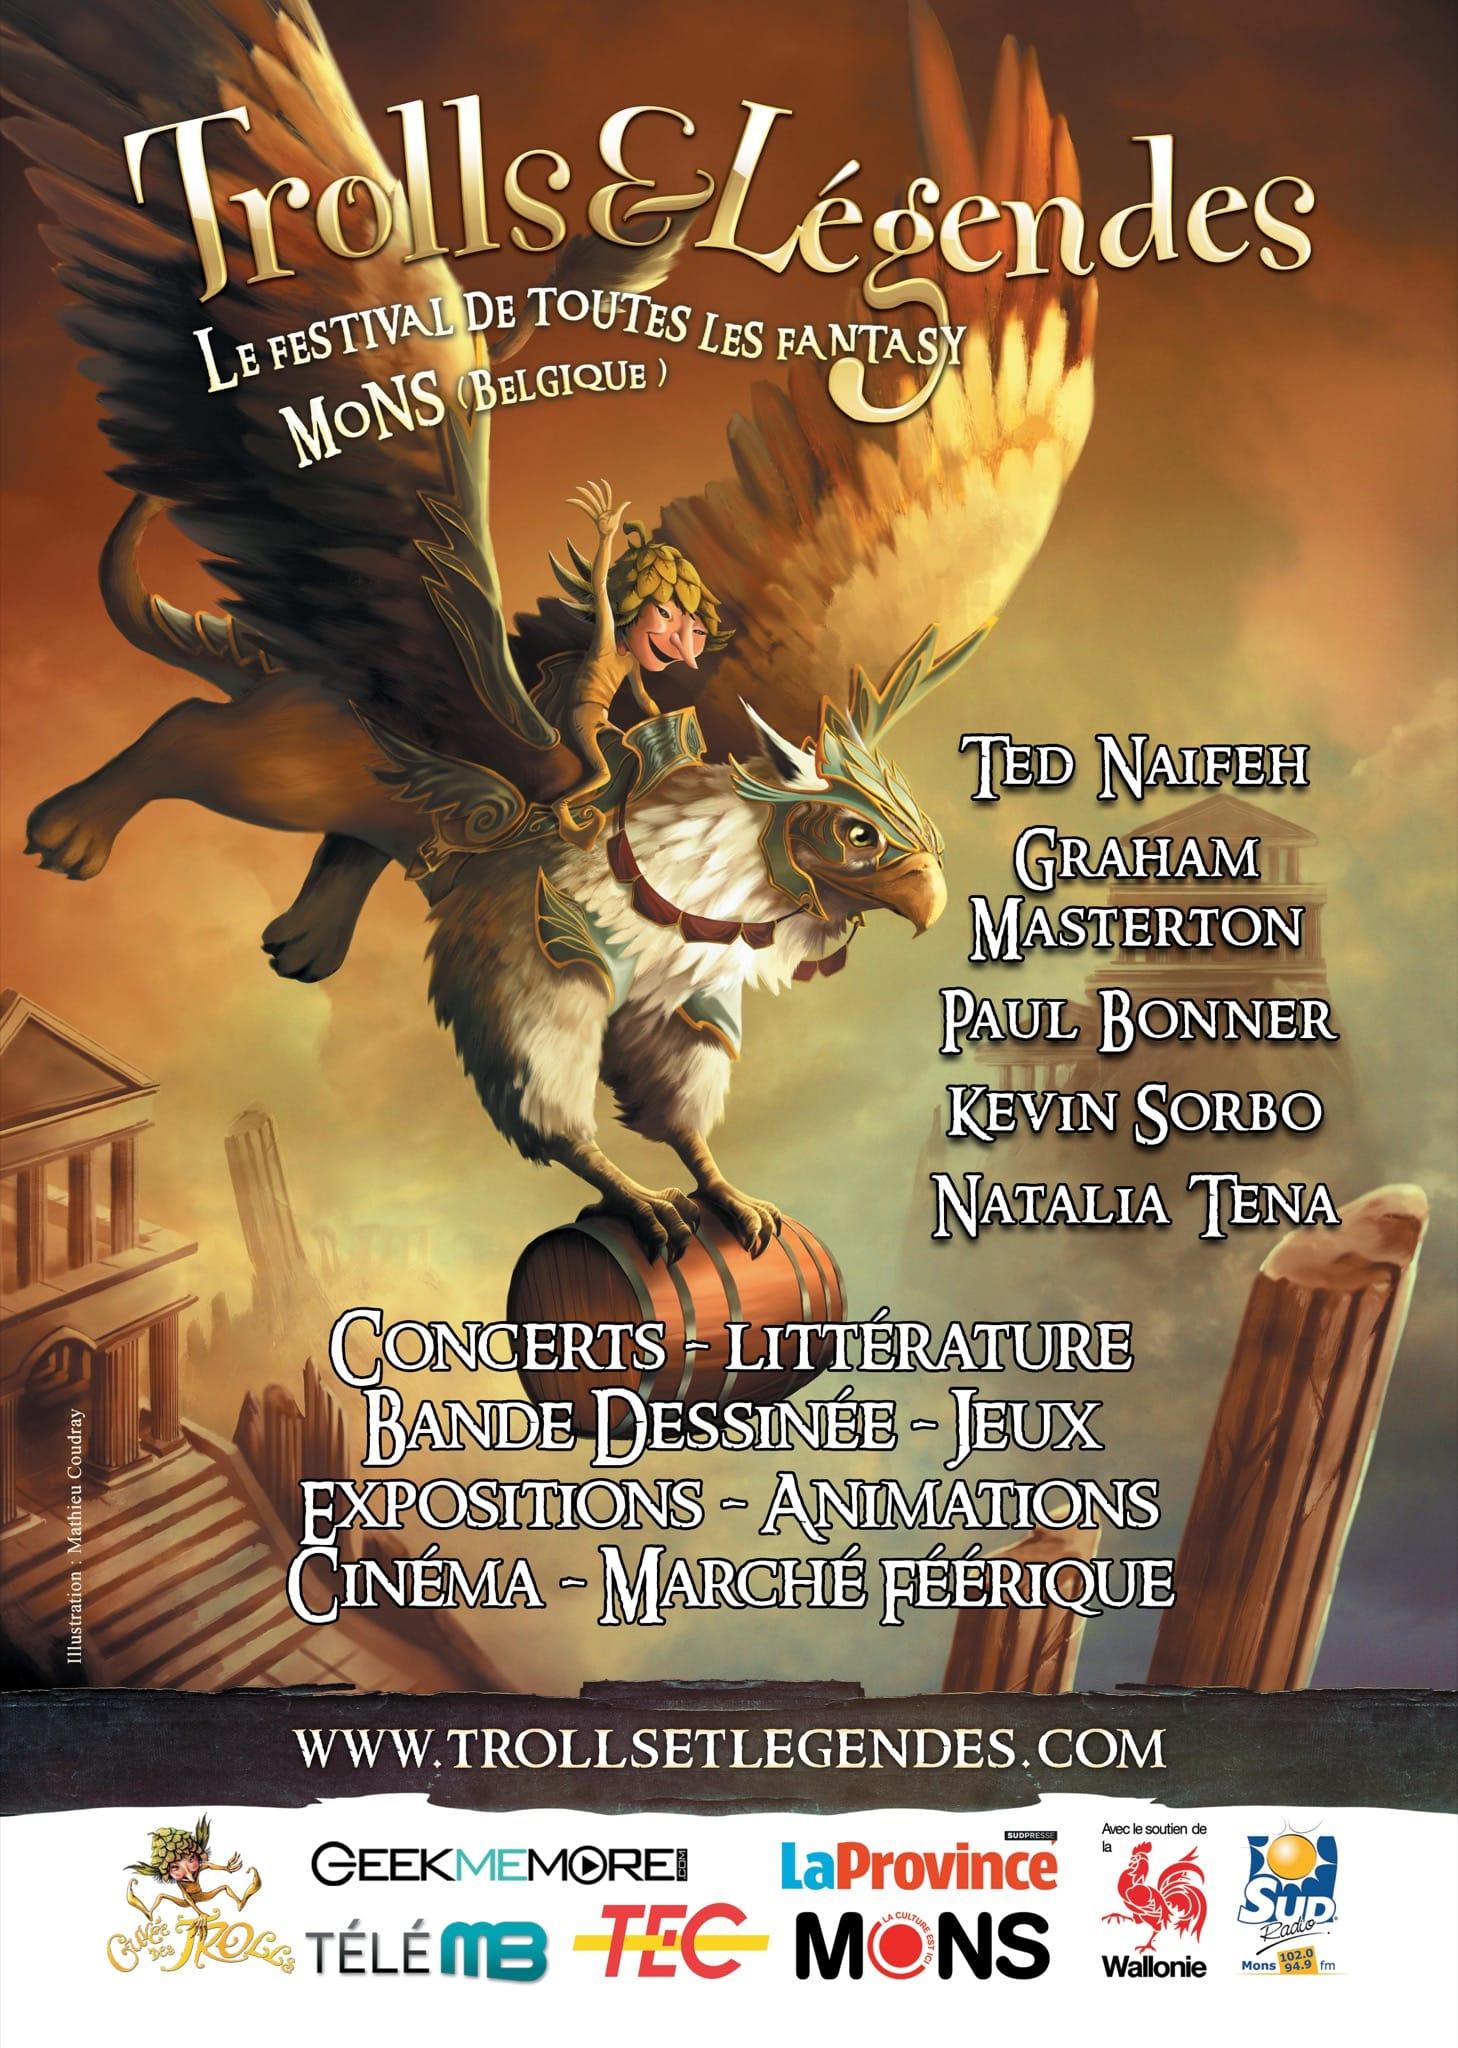 Trolls et Légendes 2019 affiche festival de fantasy